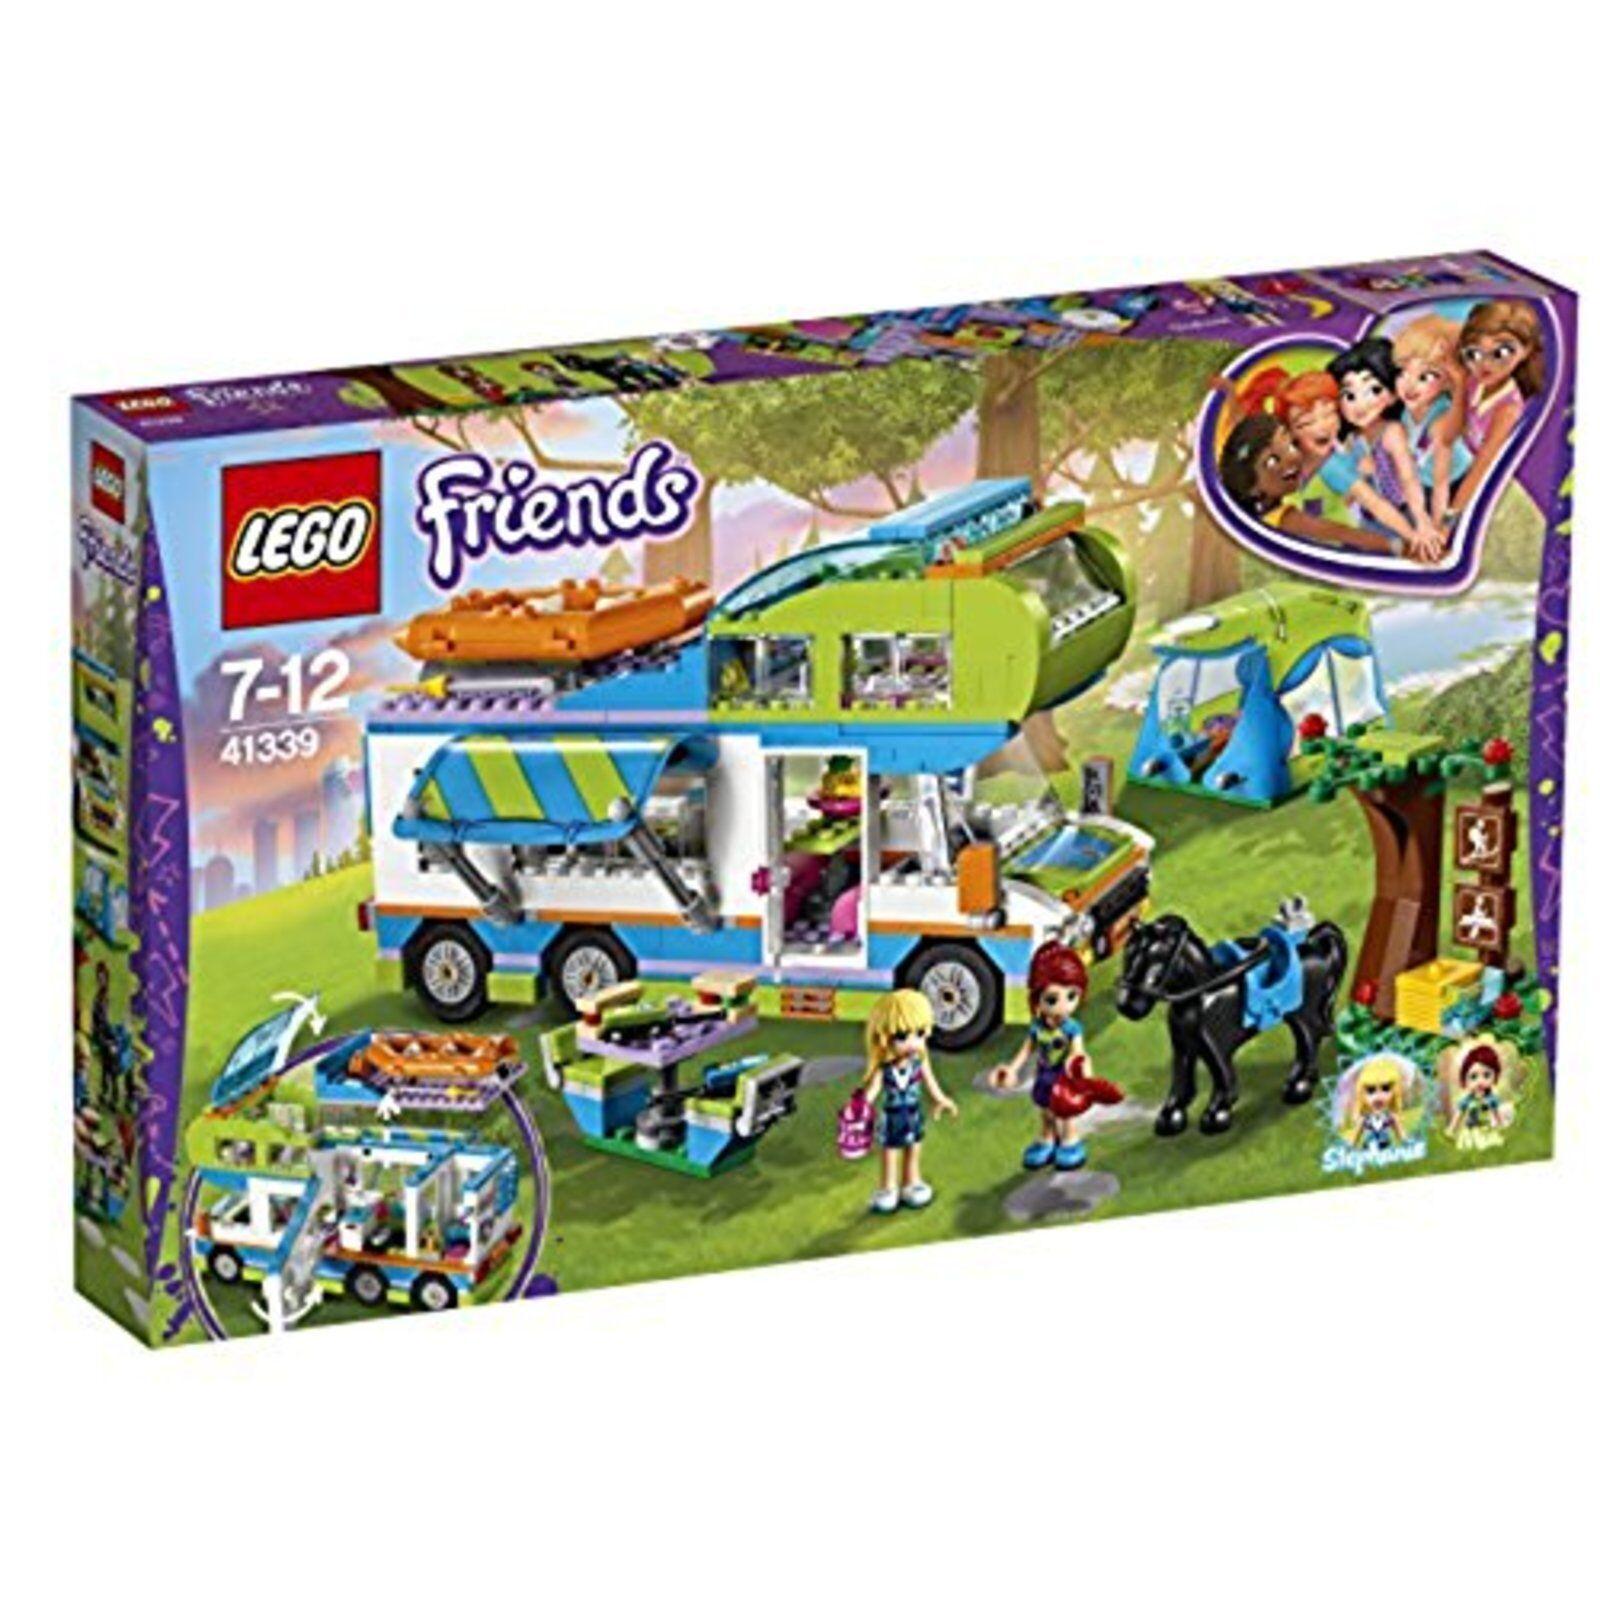 Lego Amis Mia Camping Voiture  Bloque Construction Jouet 41339 F S W   10 jours de retour